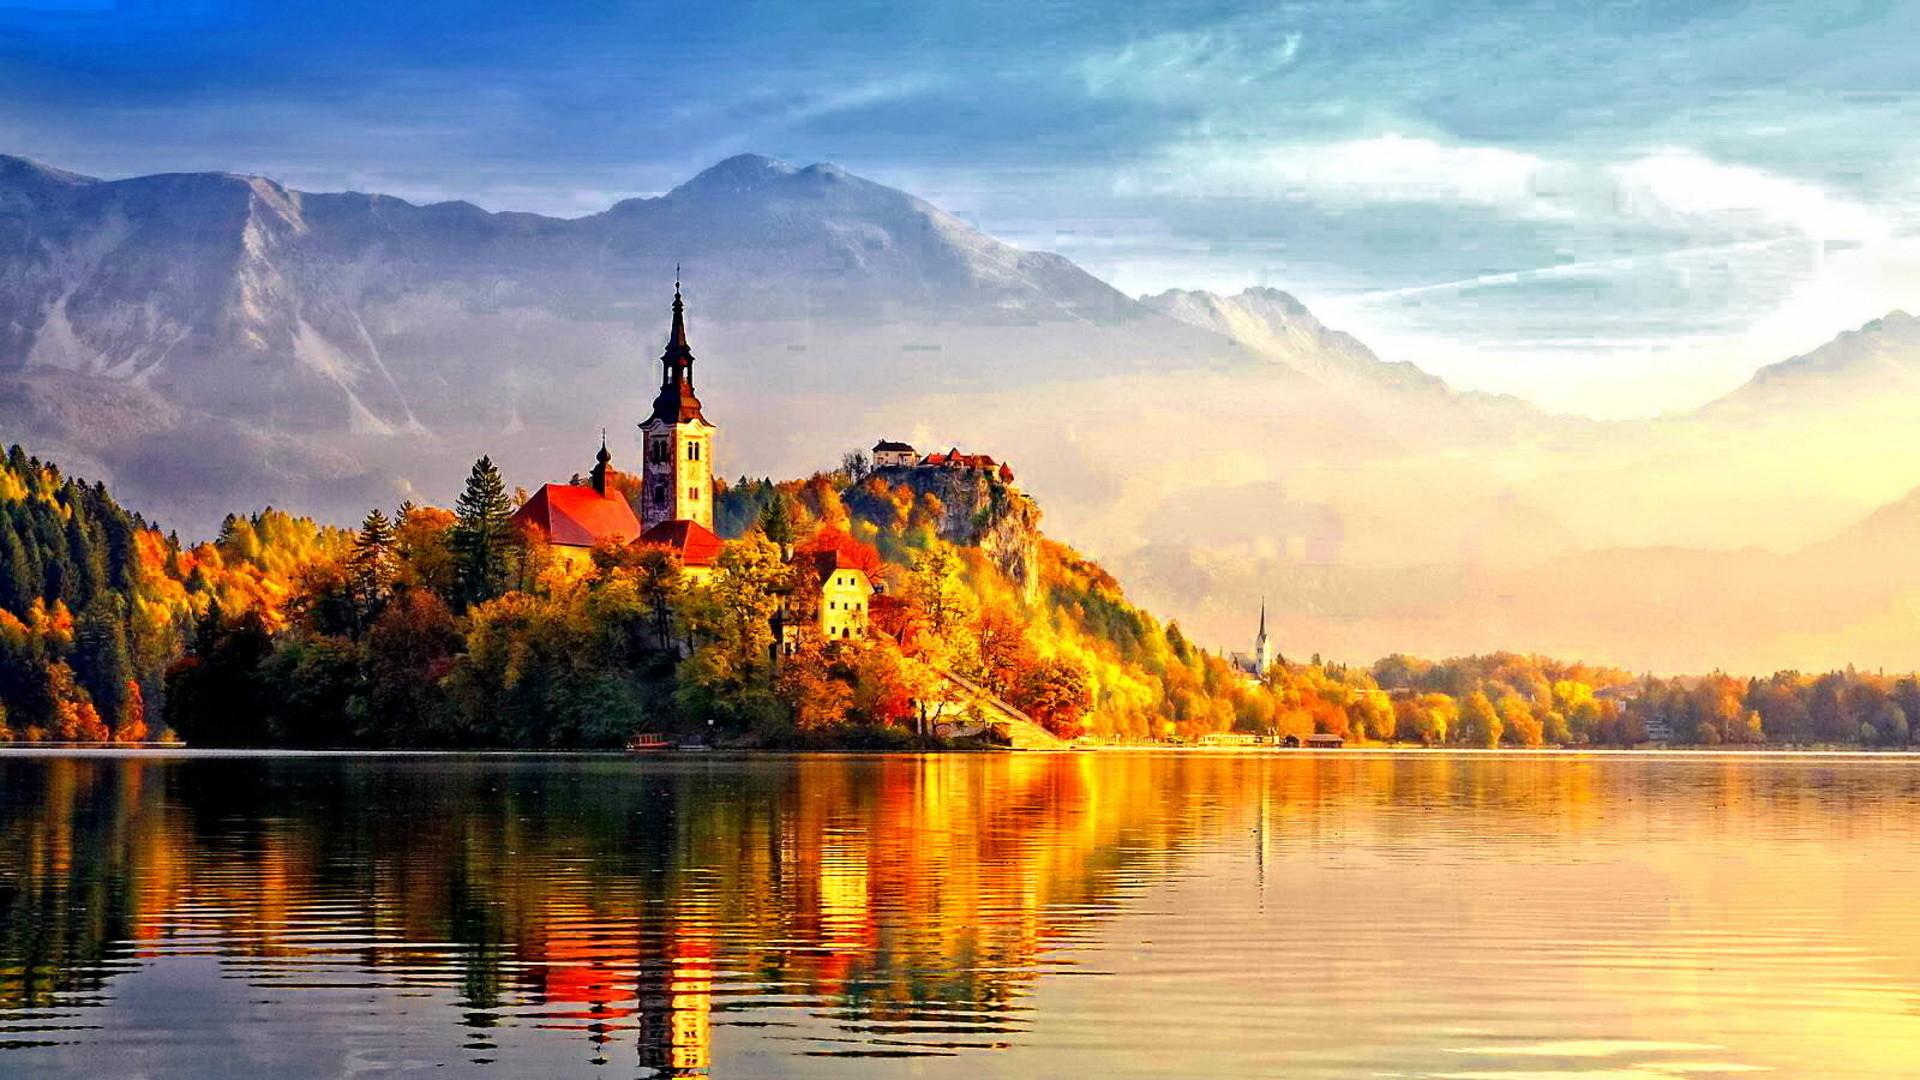 Autumn Widescreen Wallpaper · Autumn